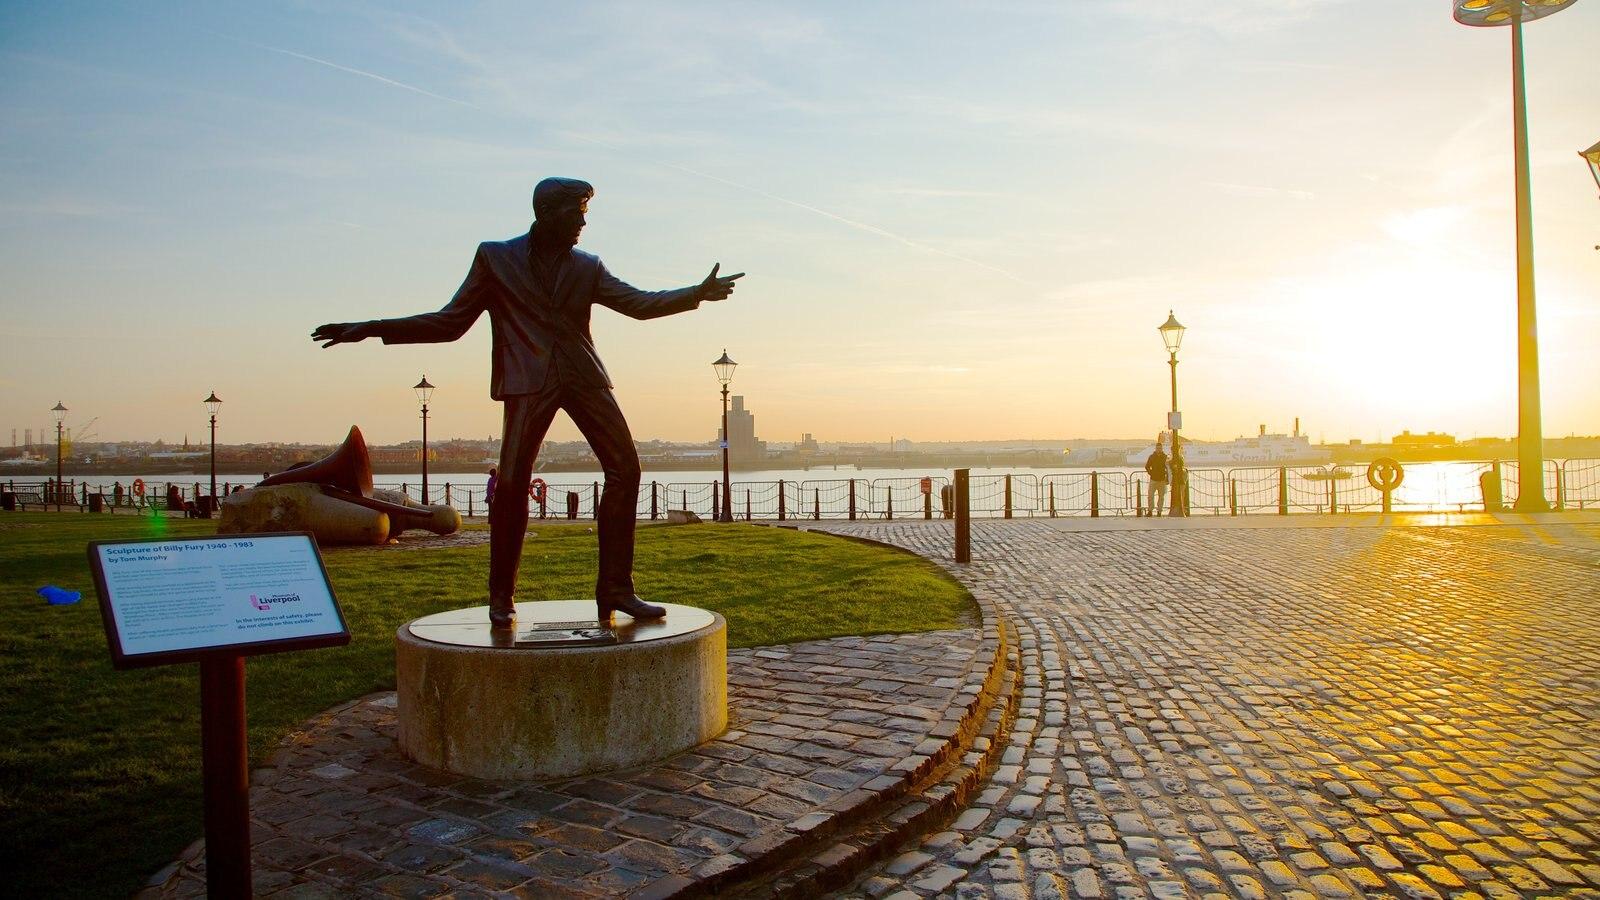 Albert Dock que incluye vistas generales de la costa, una estatua o escultura y arte al aire libre